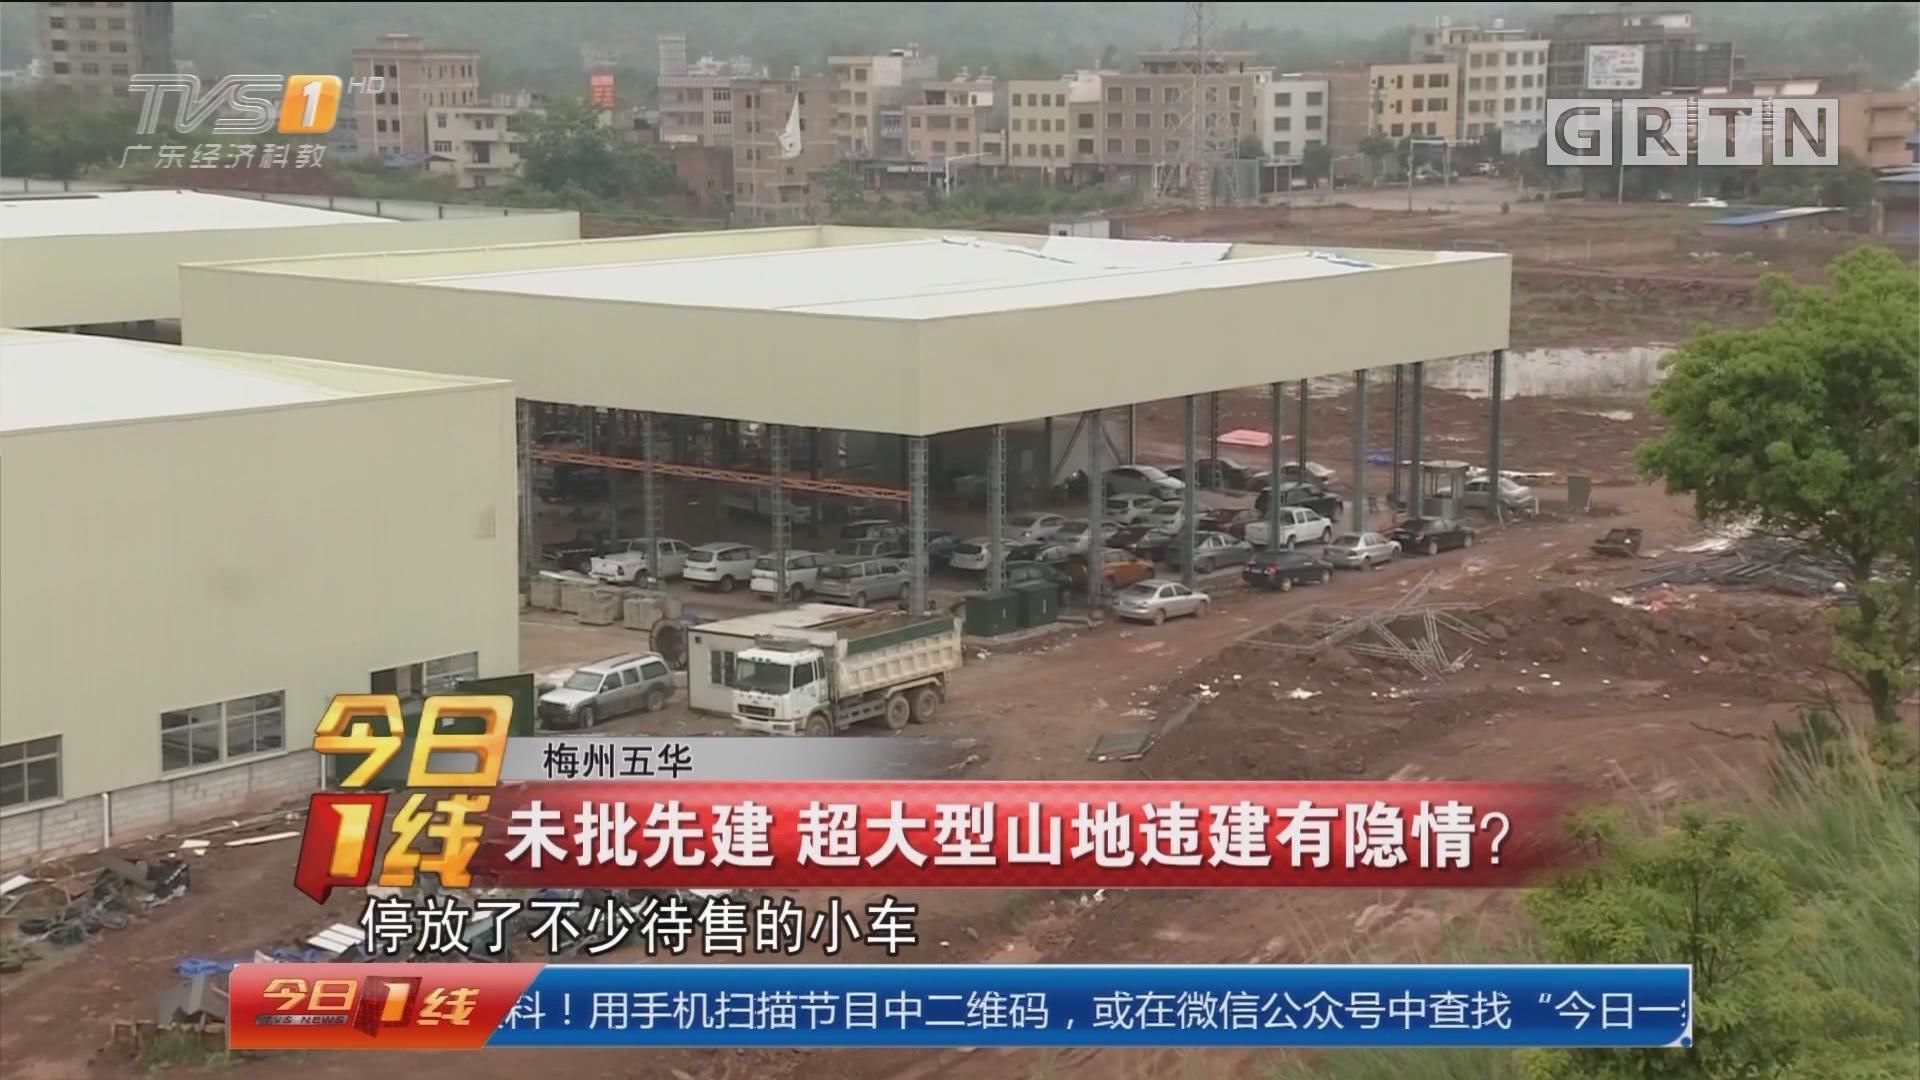 梅州五华:未批先建 超大型山地违建有隐情?